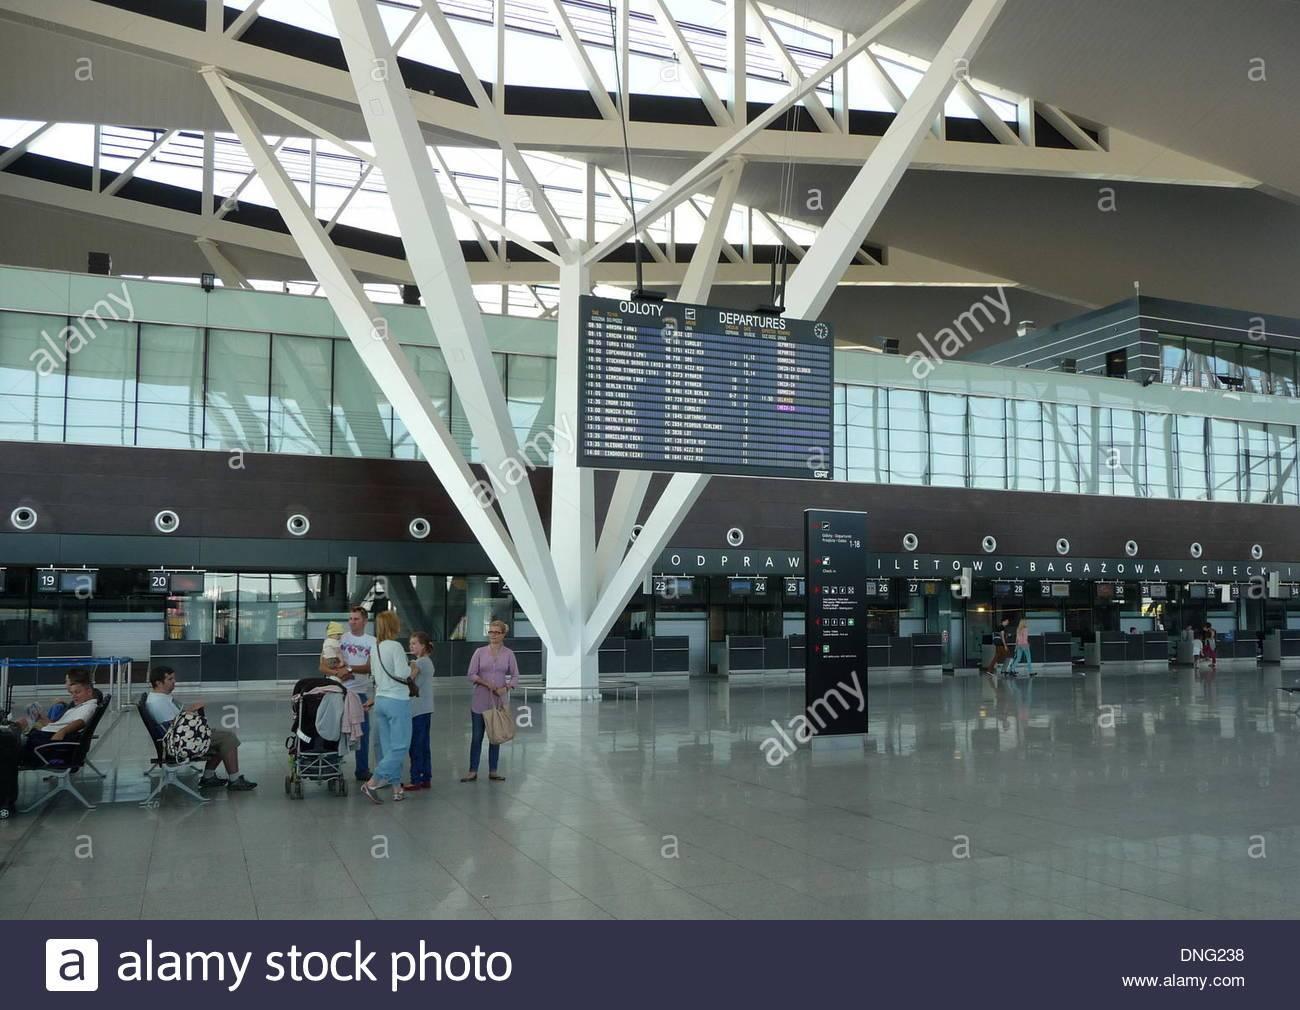 Аэропорт имени леха валенсы (г. гданьск)